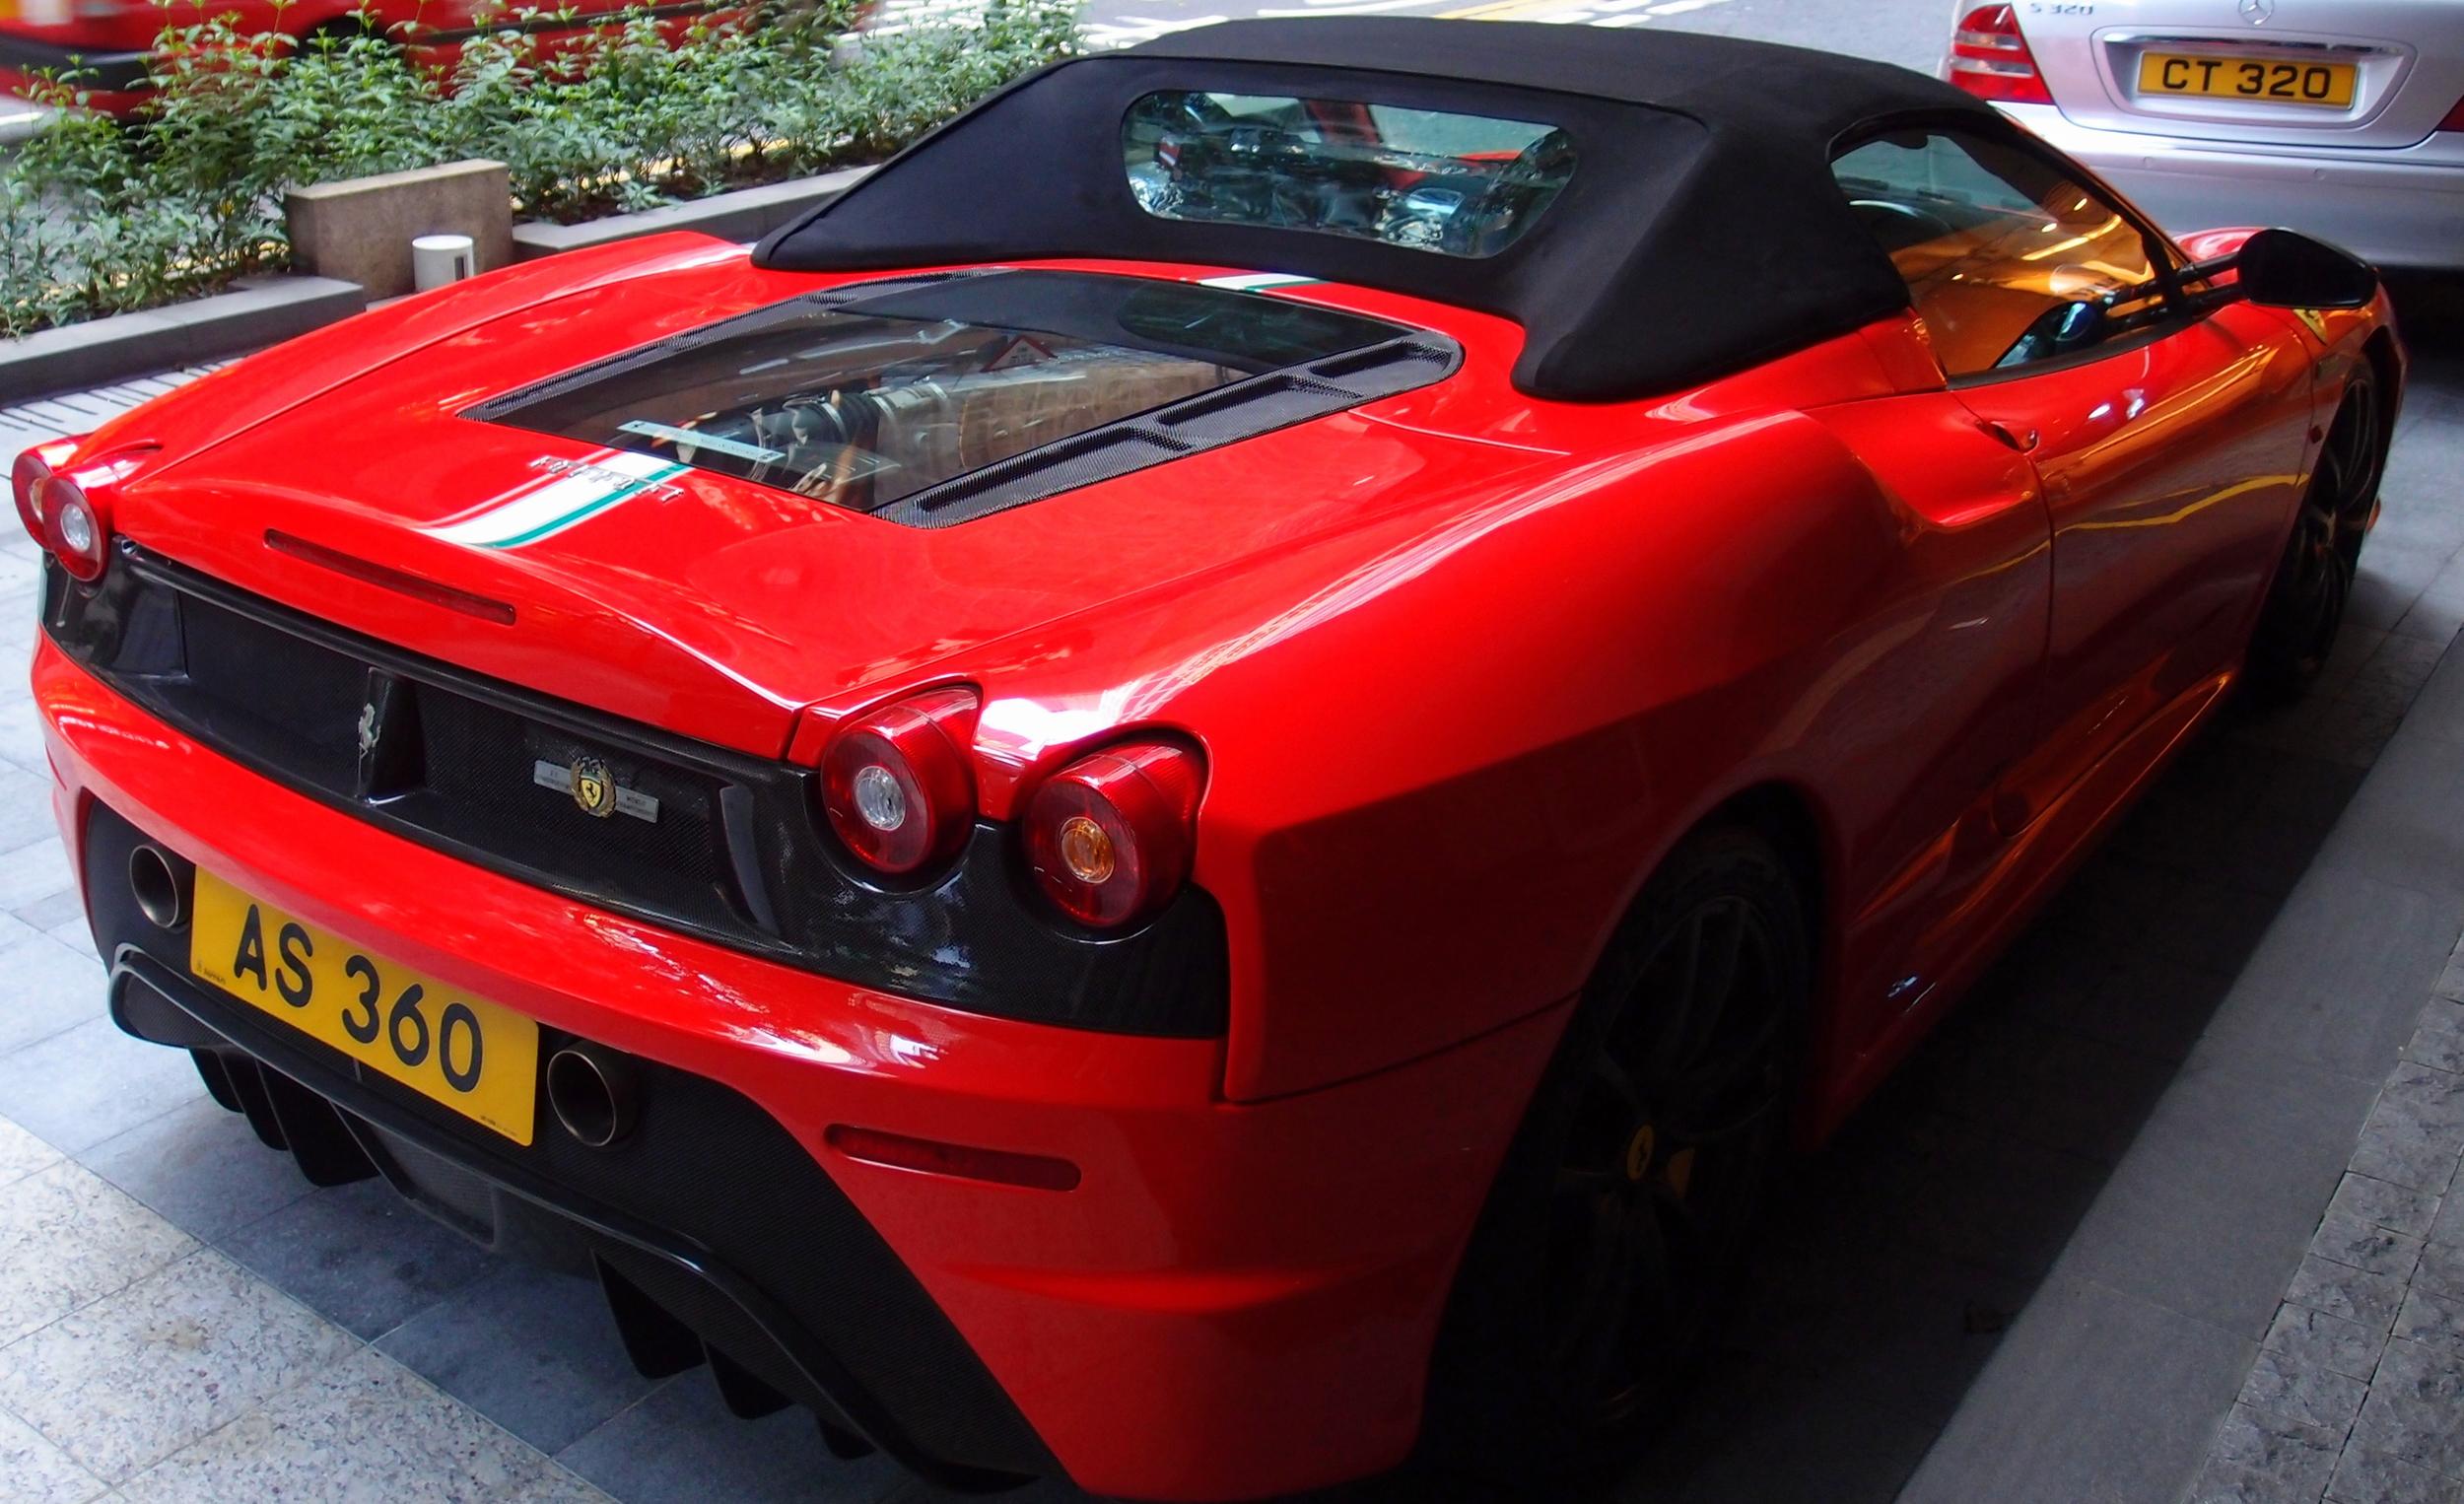 A gorgeous red Ferrari